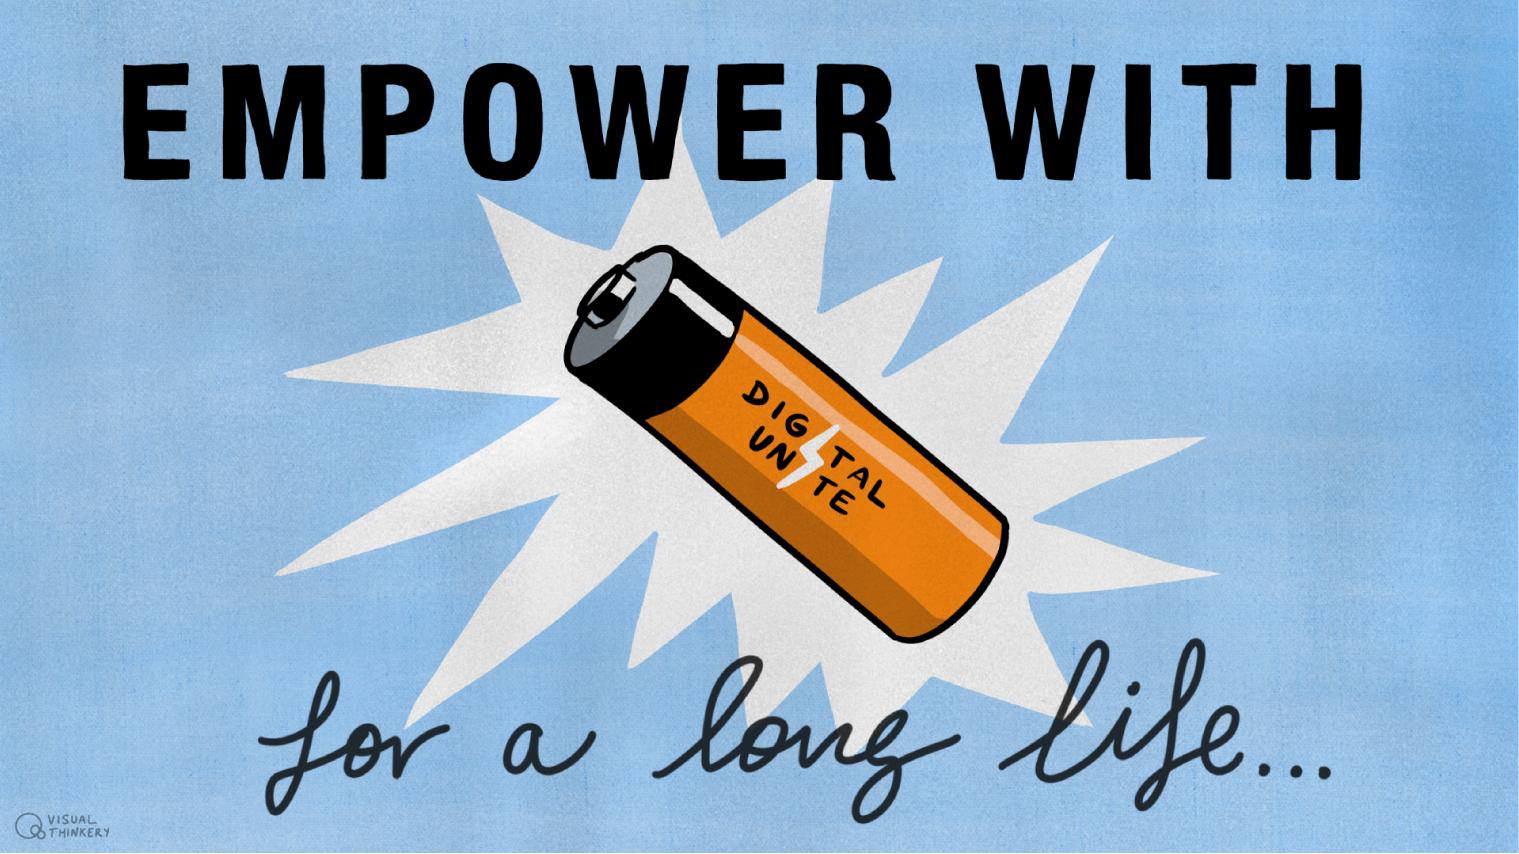 Digital Unite - Empower for a long life